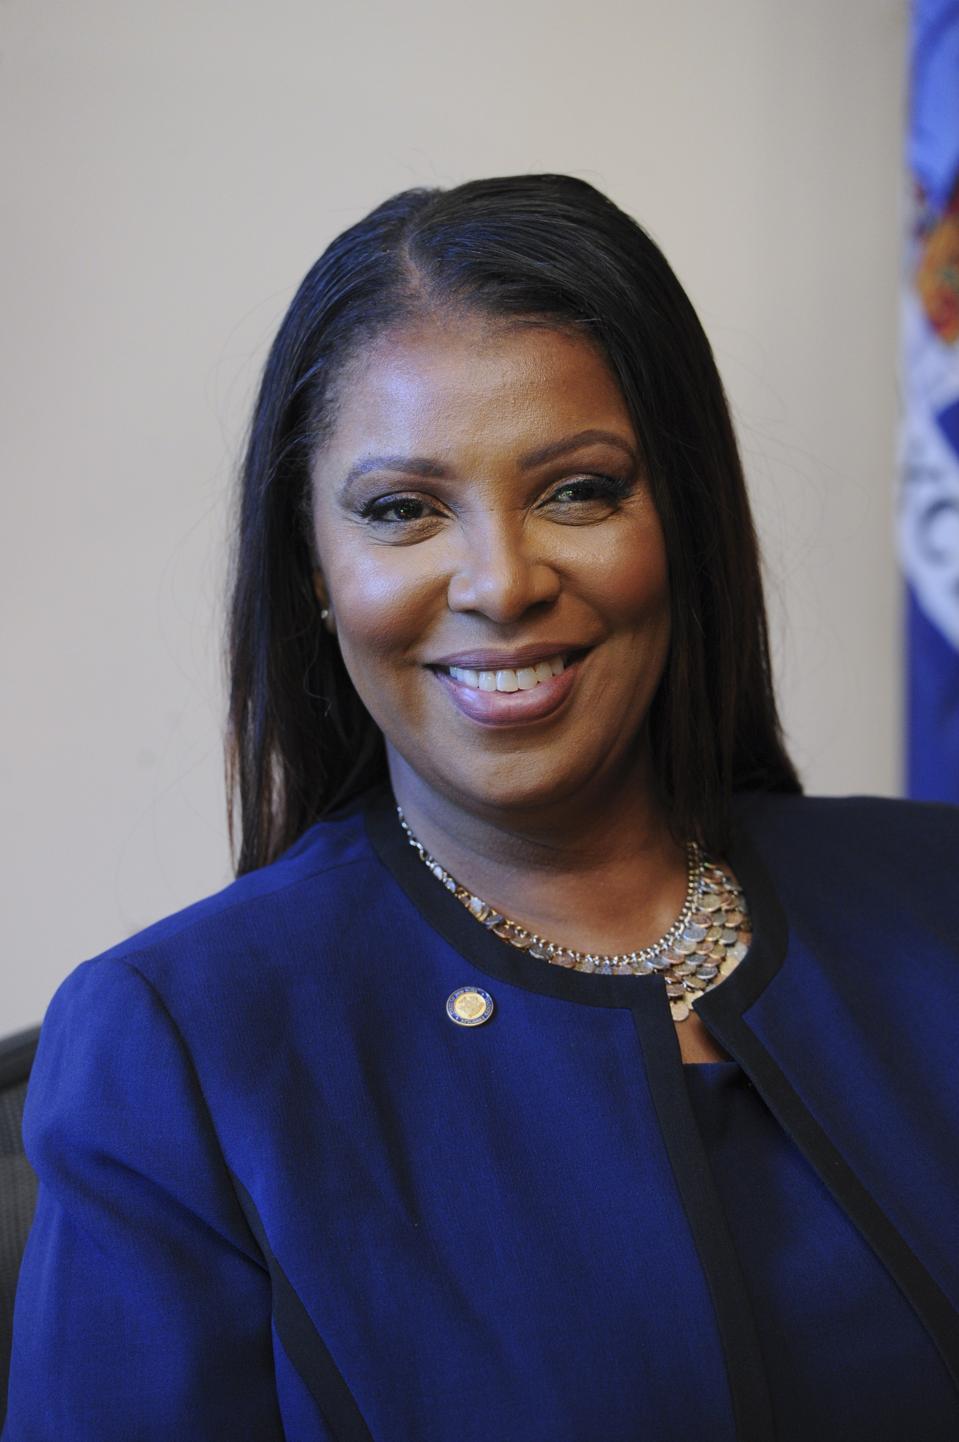 Letitia James adalah Jaksa Agung ke-67 untuk Negara Bagian New York